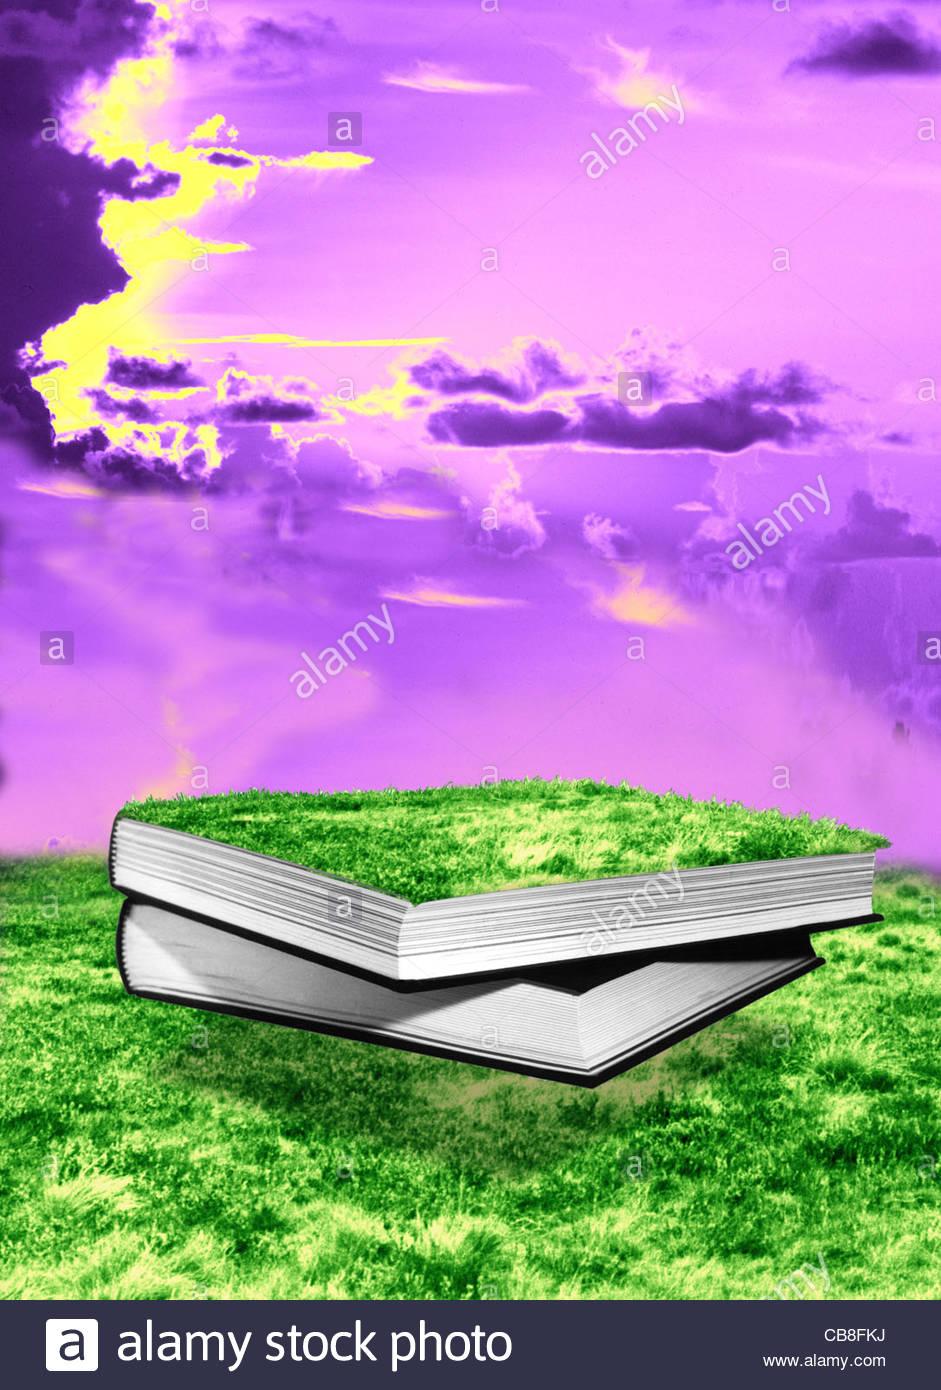 The Secret Garden Book Illustration Stock Photos